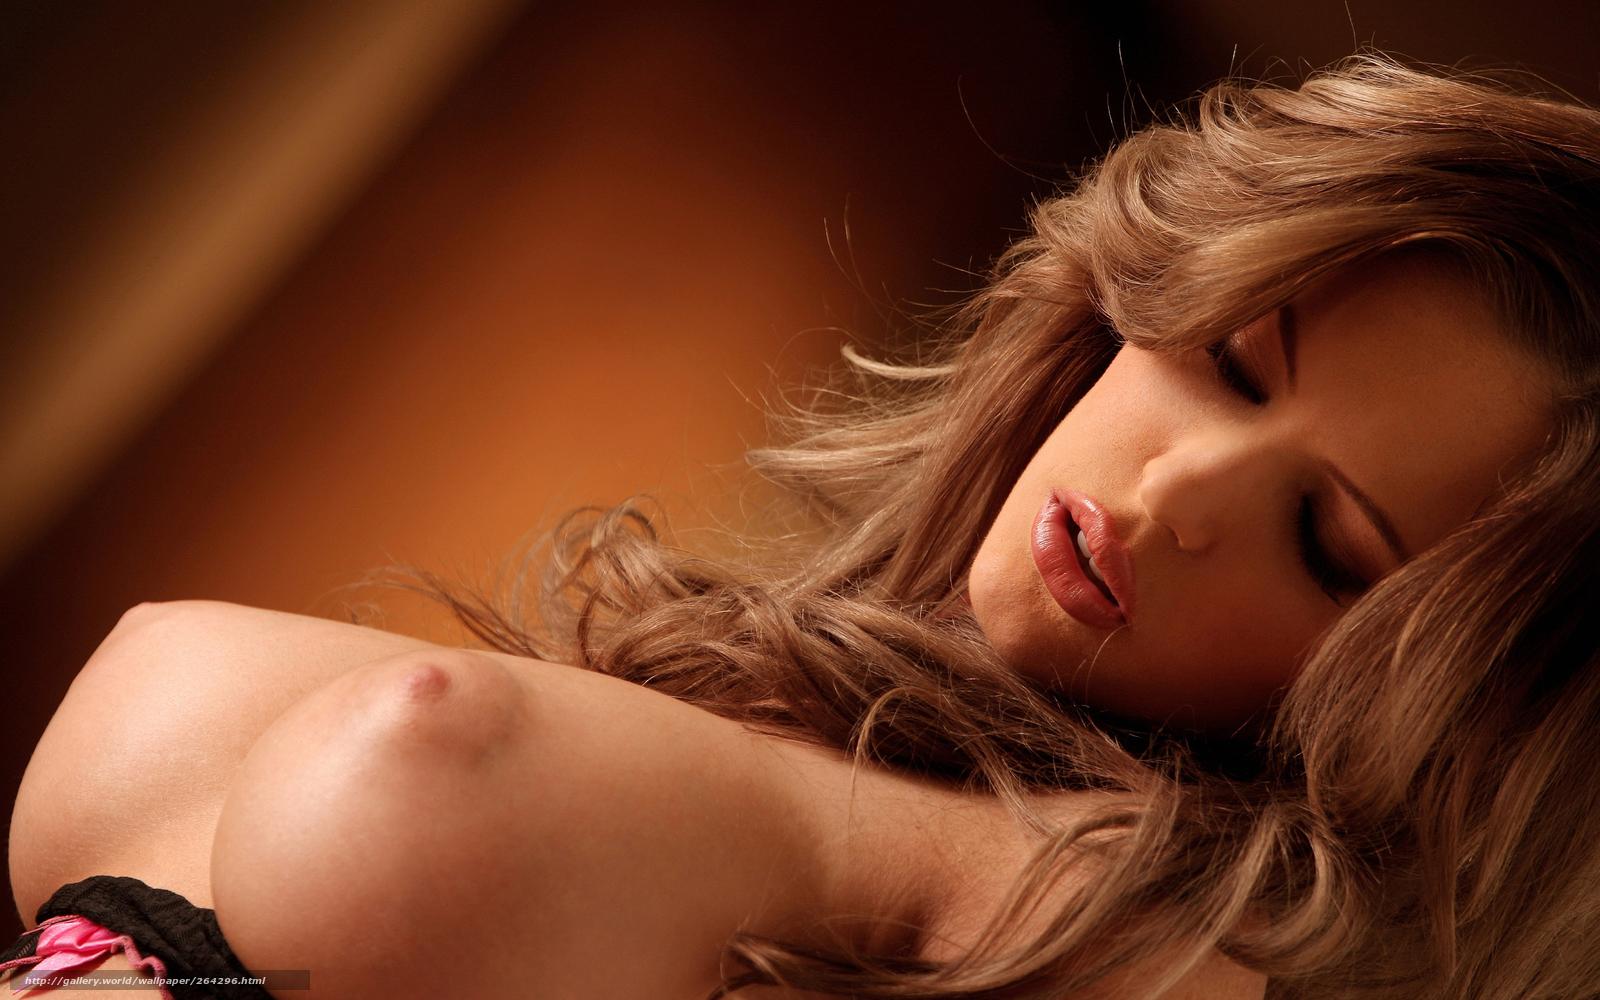 Собственные фото женской голой груди 17 фотография